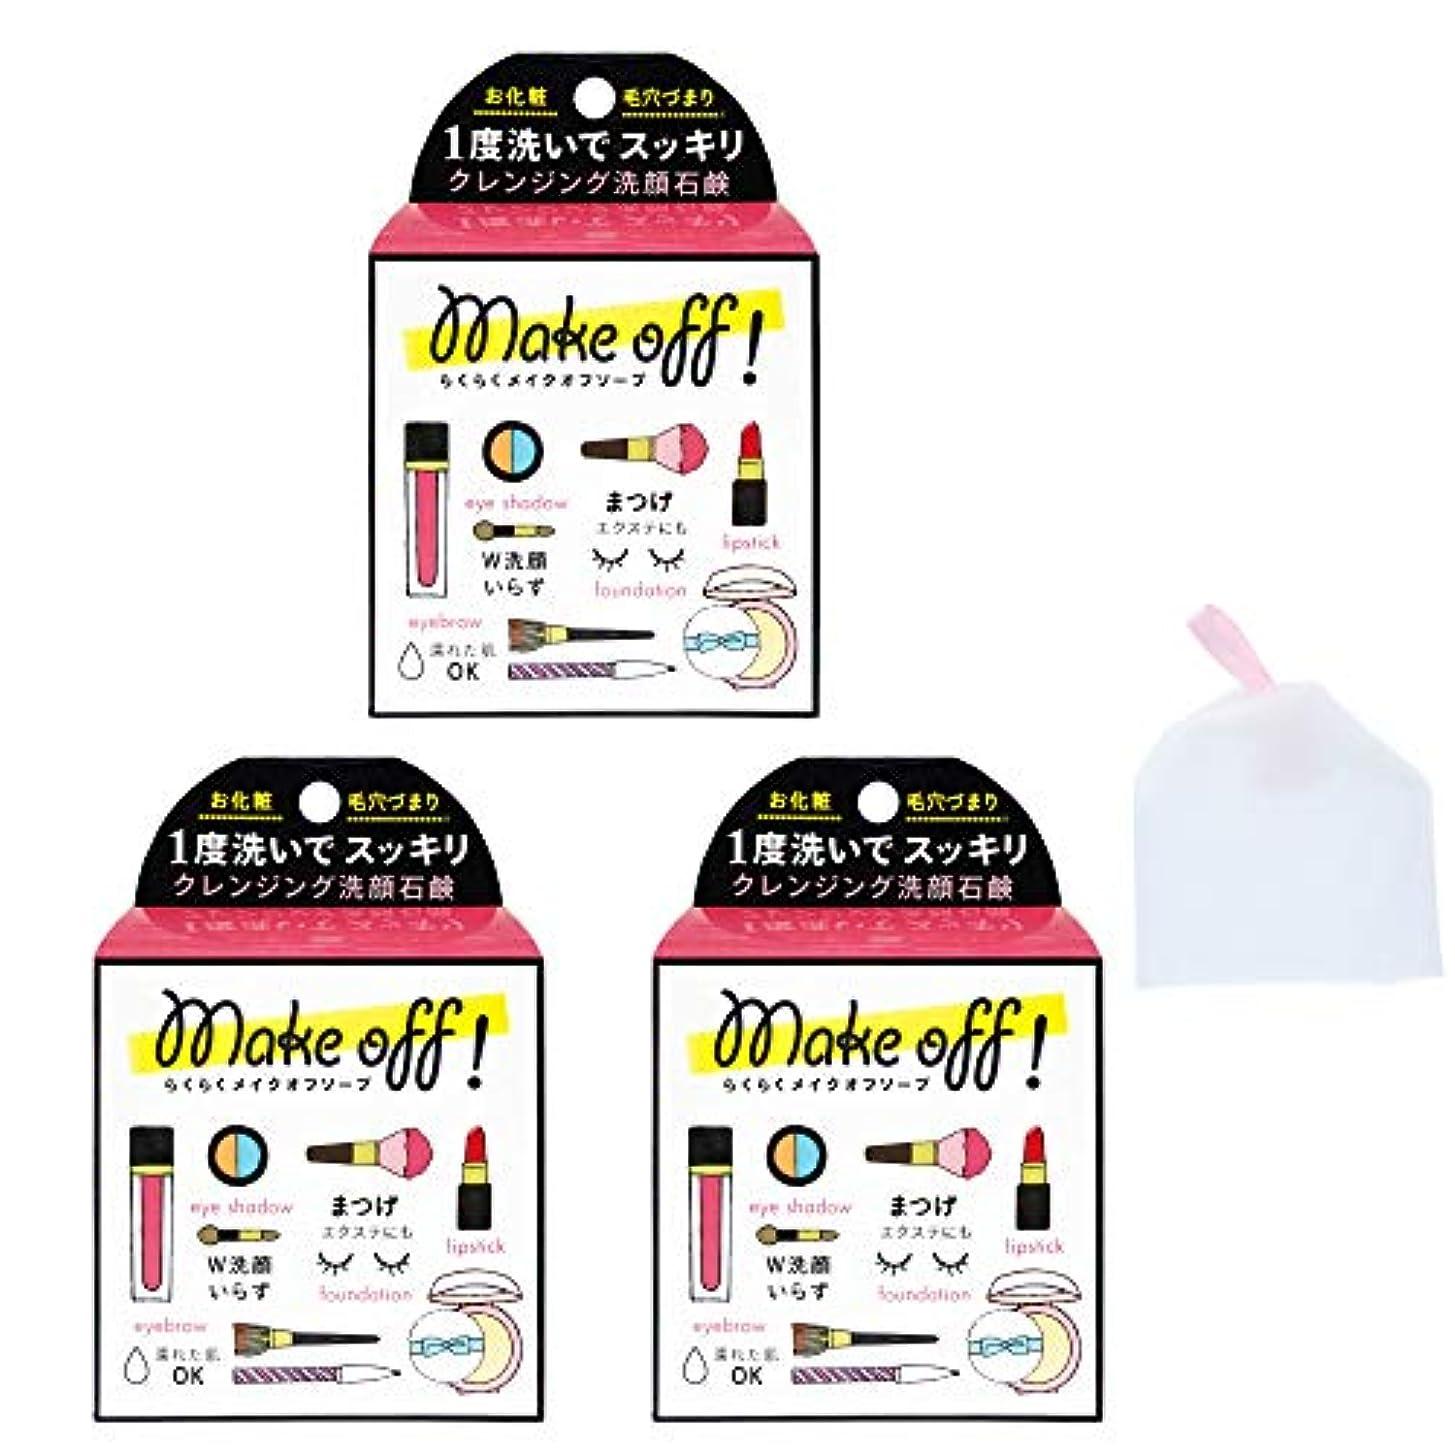 天皇私たち自身苦い【3個セット+泡立てネット付】ペリカン石鹸 MAKE OFF SOAP メイク オフ ソープ 80g 【泡立てネット付】